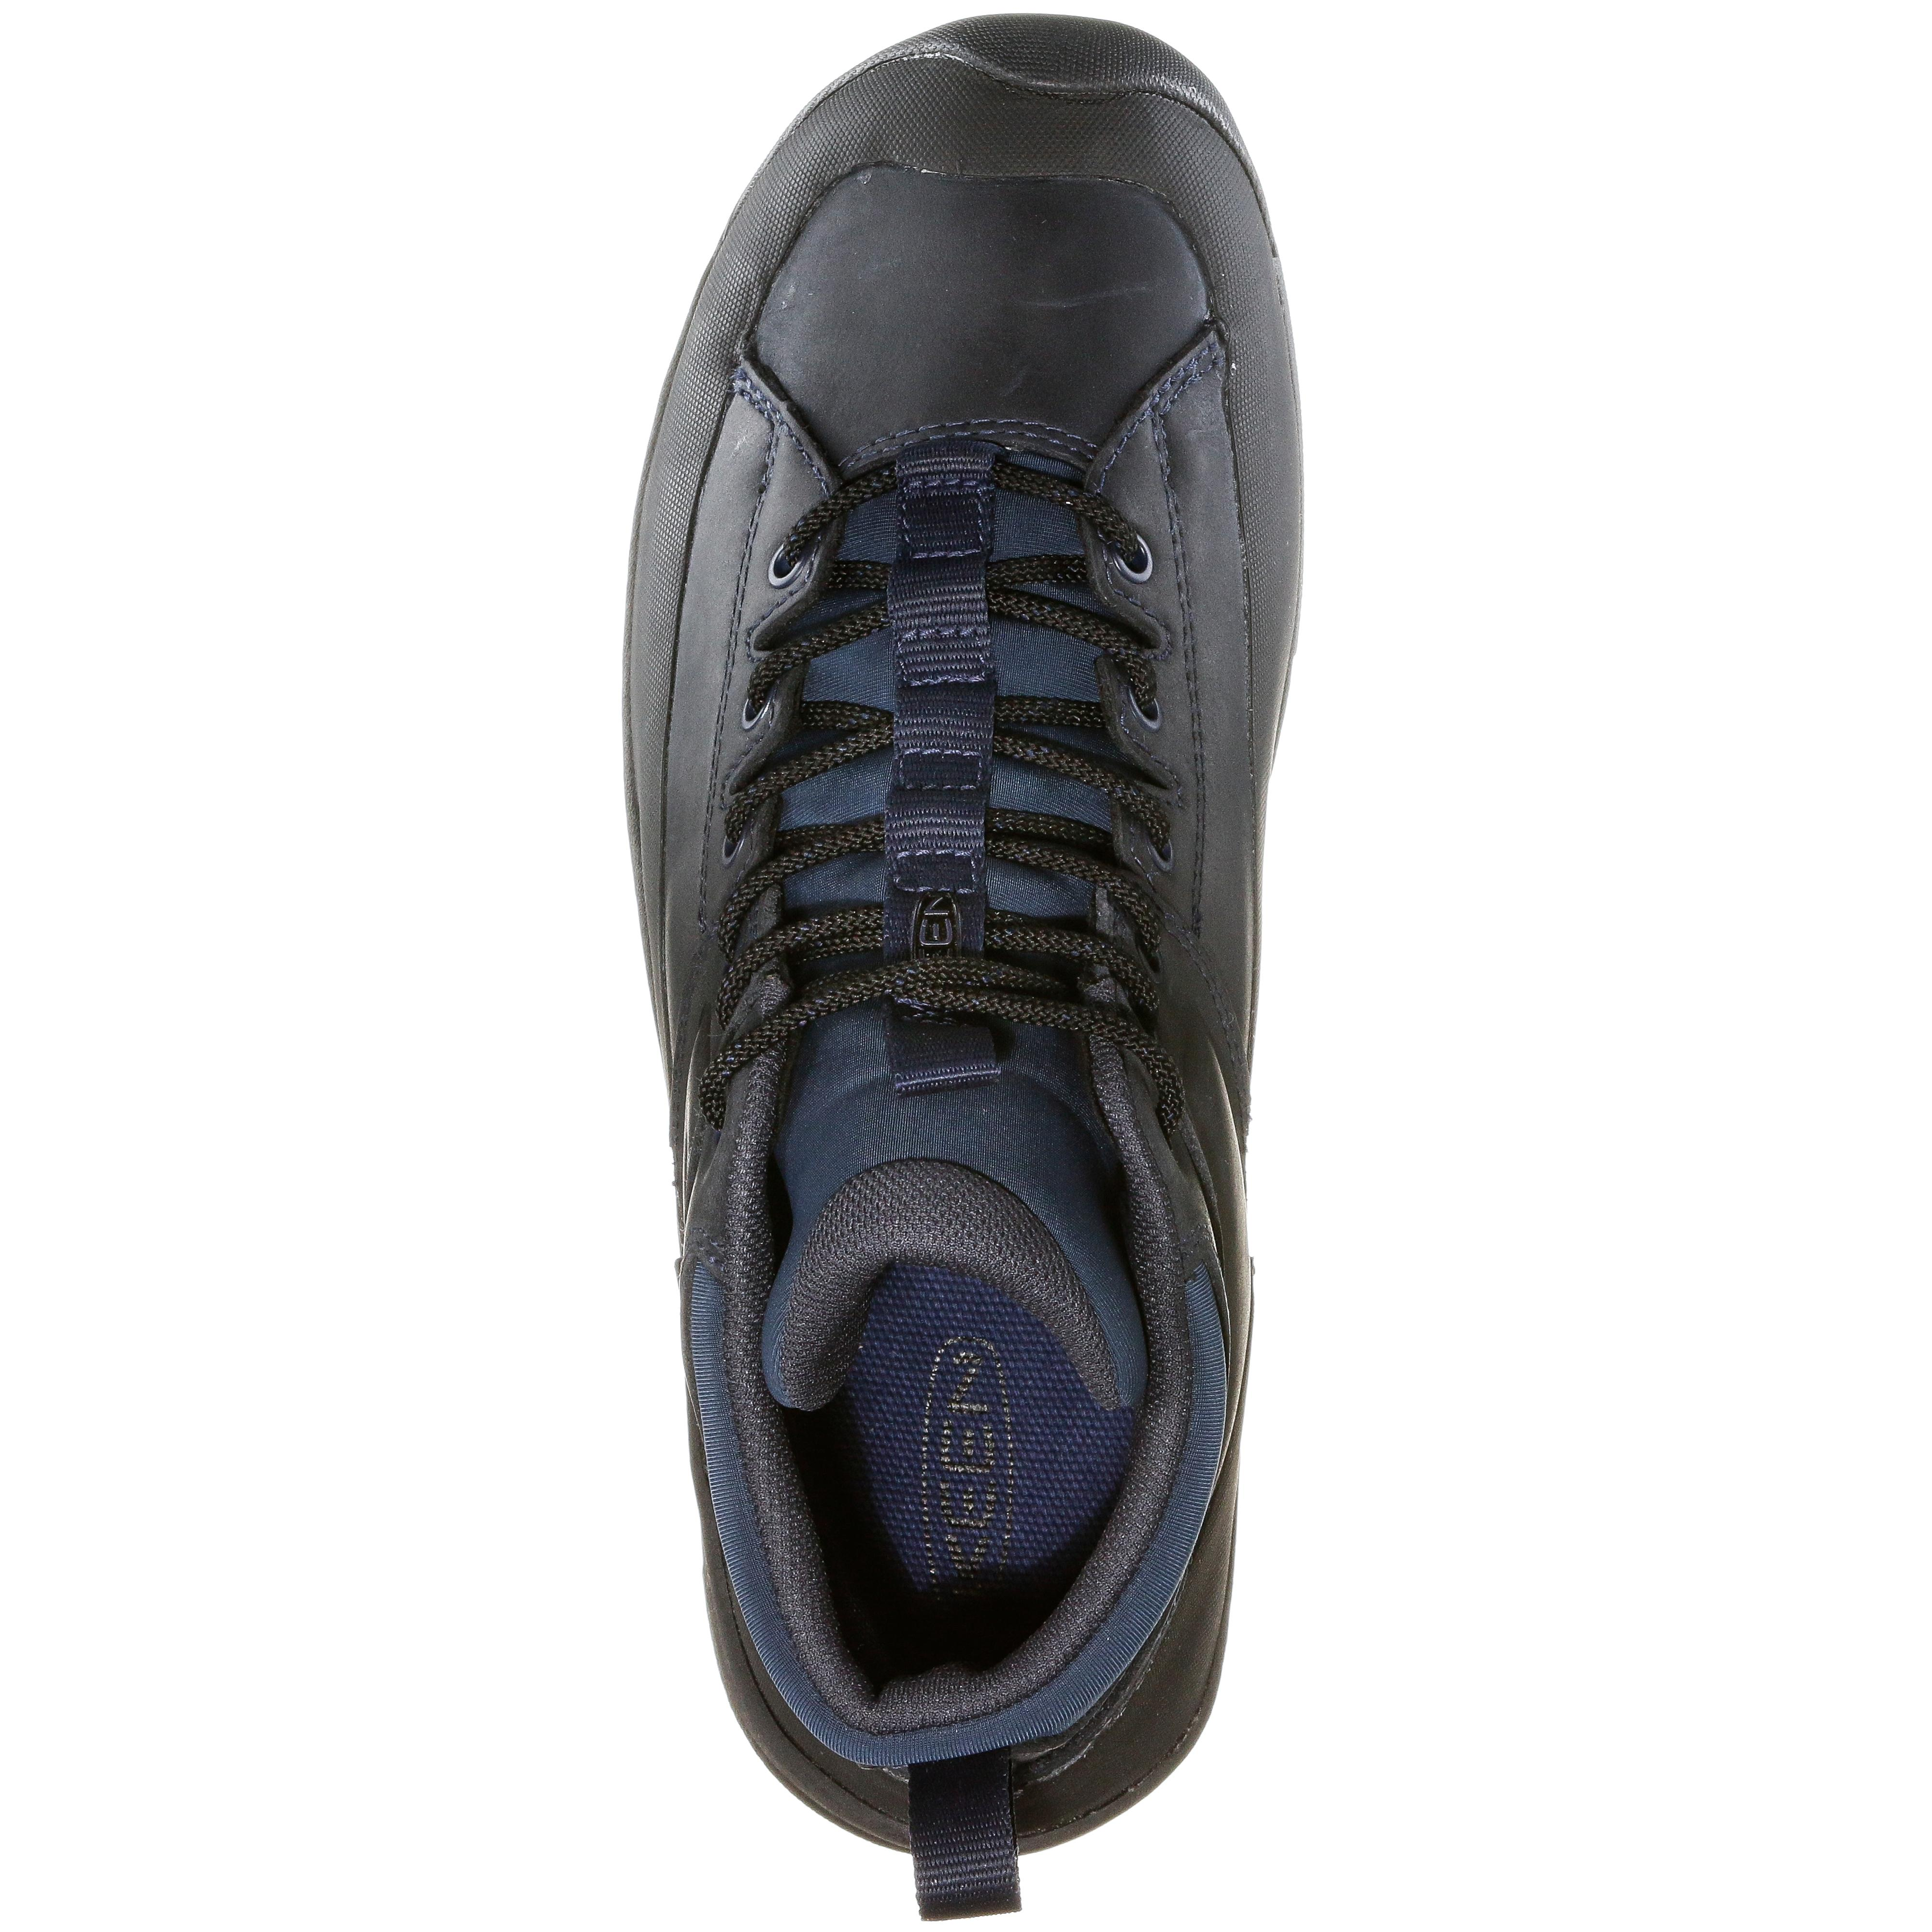 Keen Citizen Keen LTD WP Freizeitschuhe Herren Herren Herren dress Blaus im Online Shop von SportScheck kaufen Gute Qualität beliebte Schuhe 11f8f0